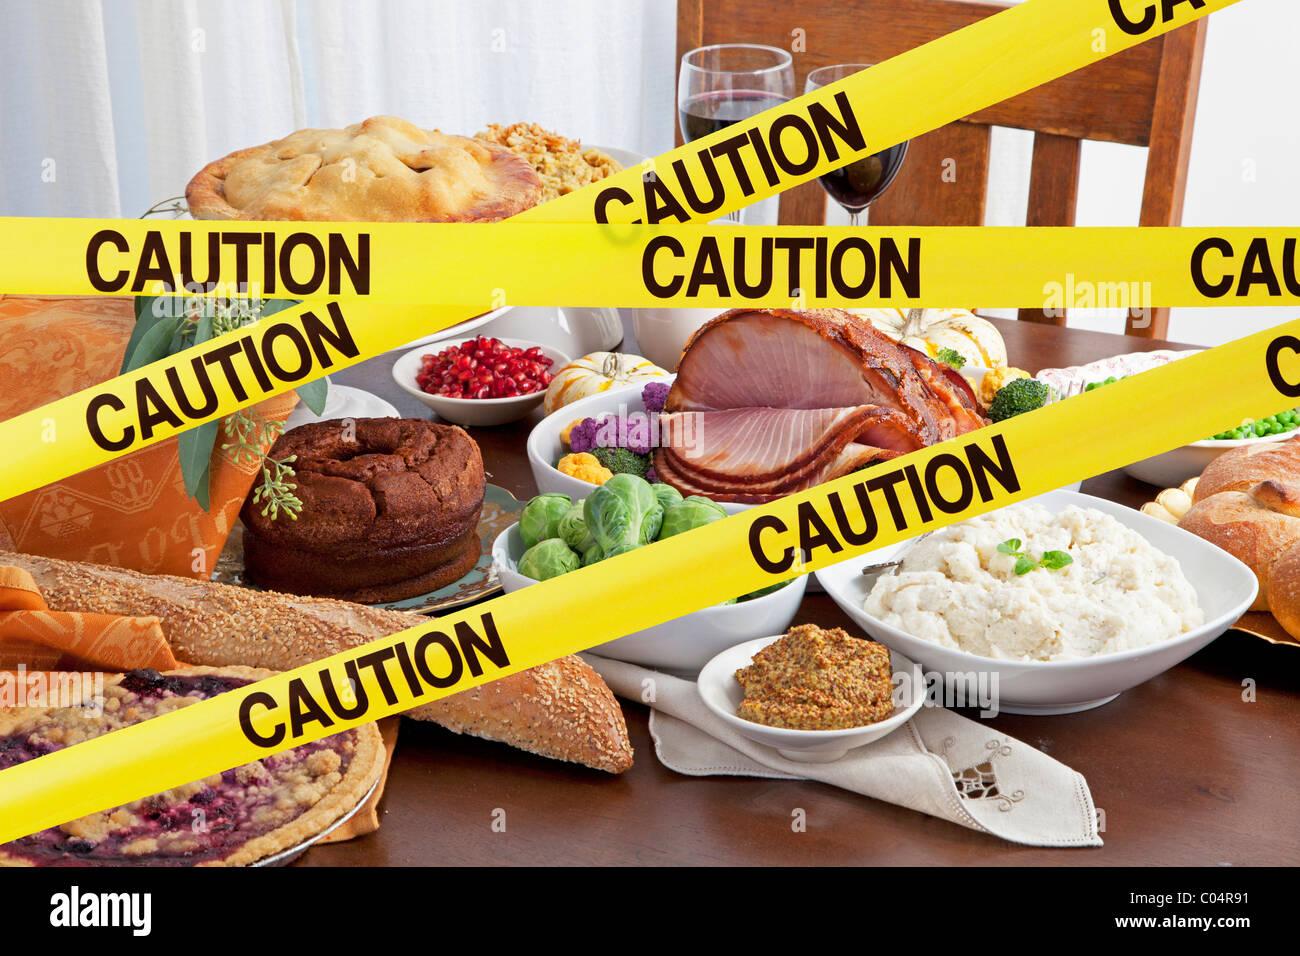 Nastro di avvertenza di blocchi di una festa di cibo e grande pasto per le vacanze Immagini Stock